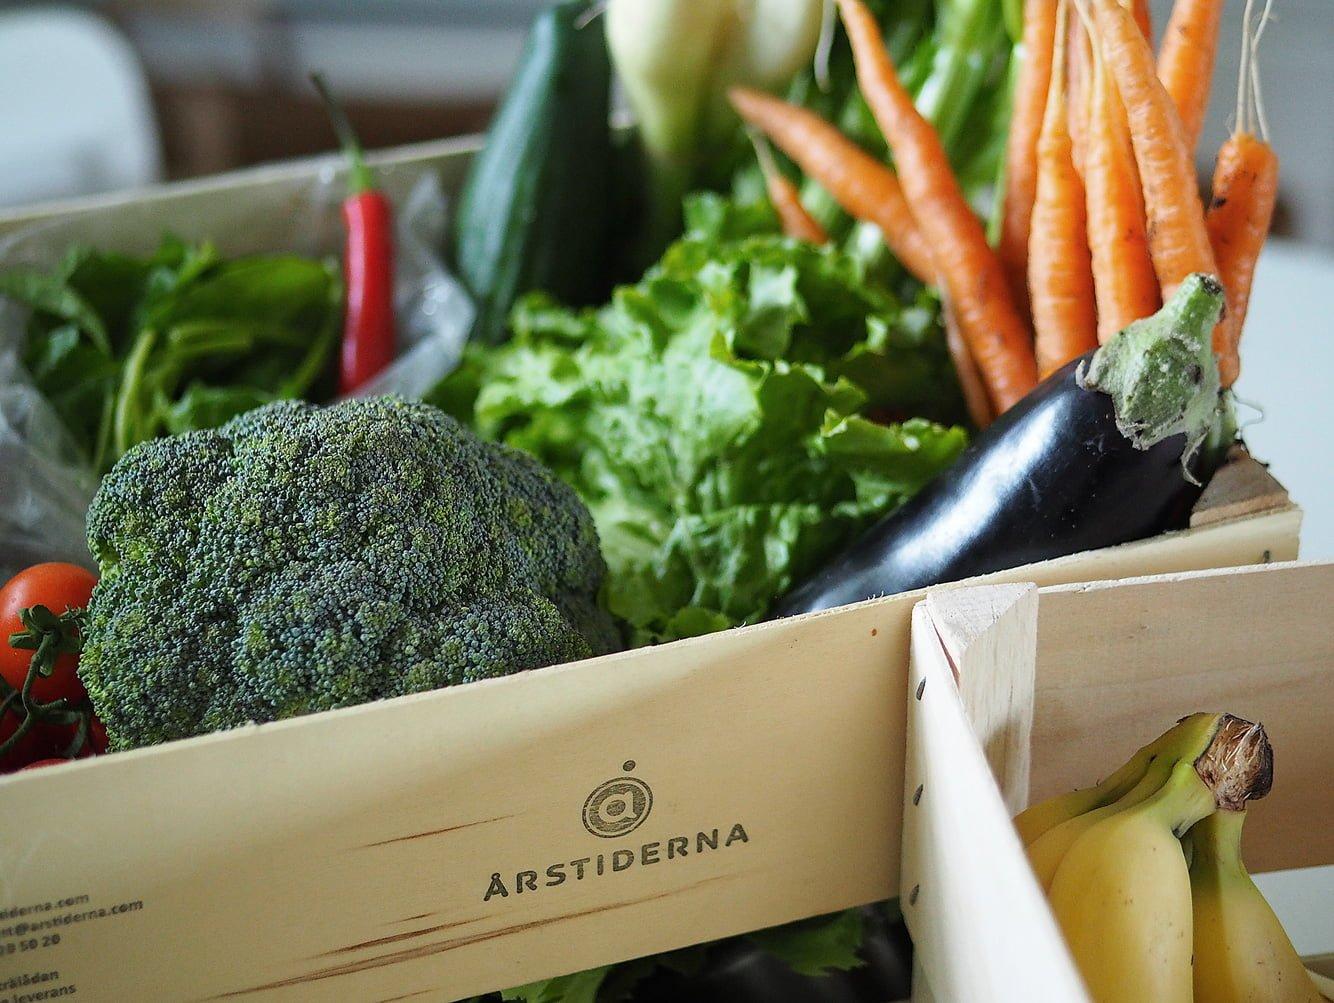 årstiderna ekologiska grönsaker